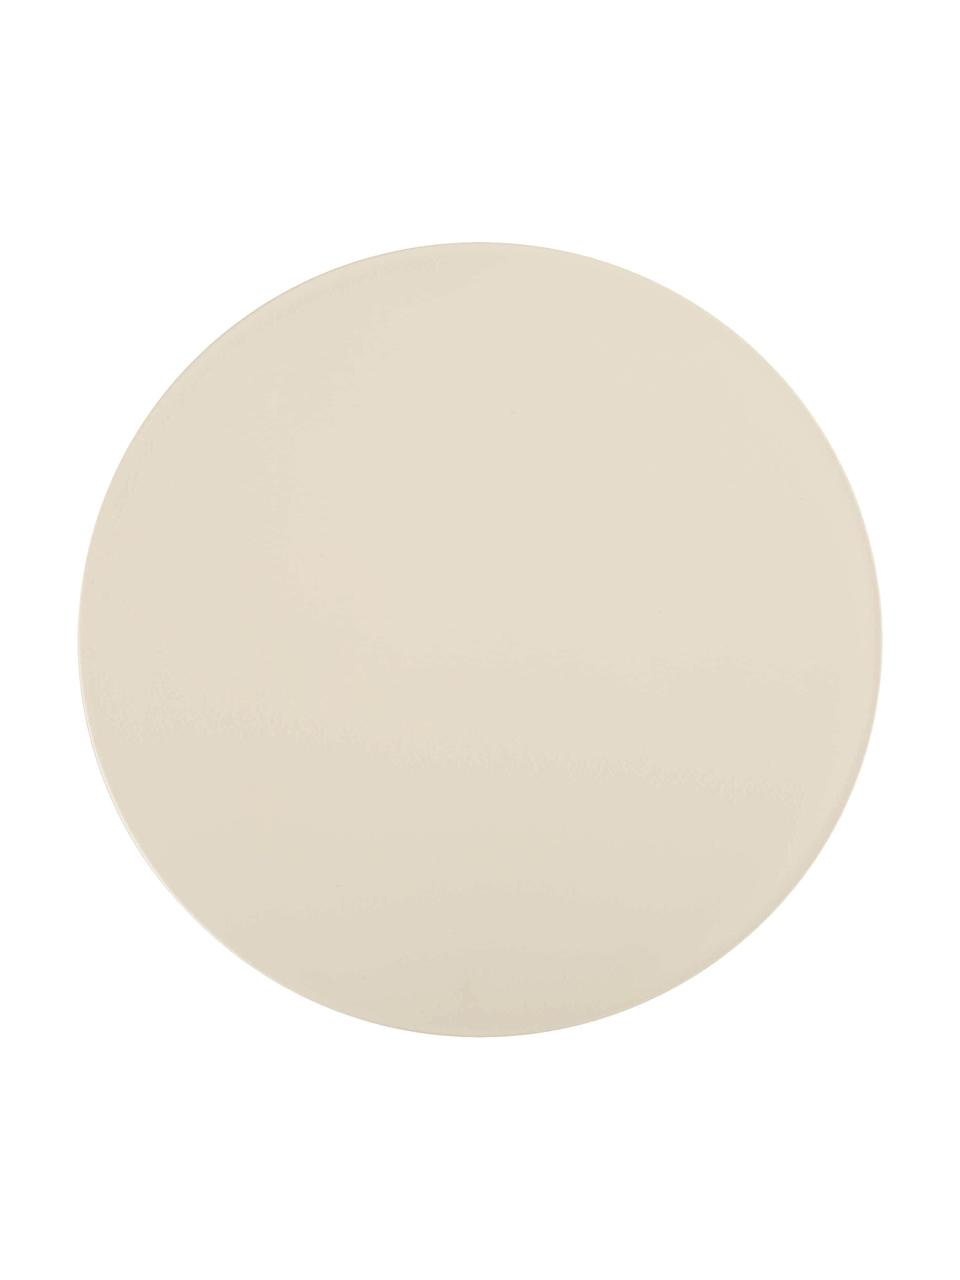 Design Hocker/ Beistelltisch Prince AHA, Durchpigmentiertes Polypropylen, Creme, Ø 30 x H 43 cm